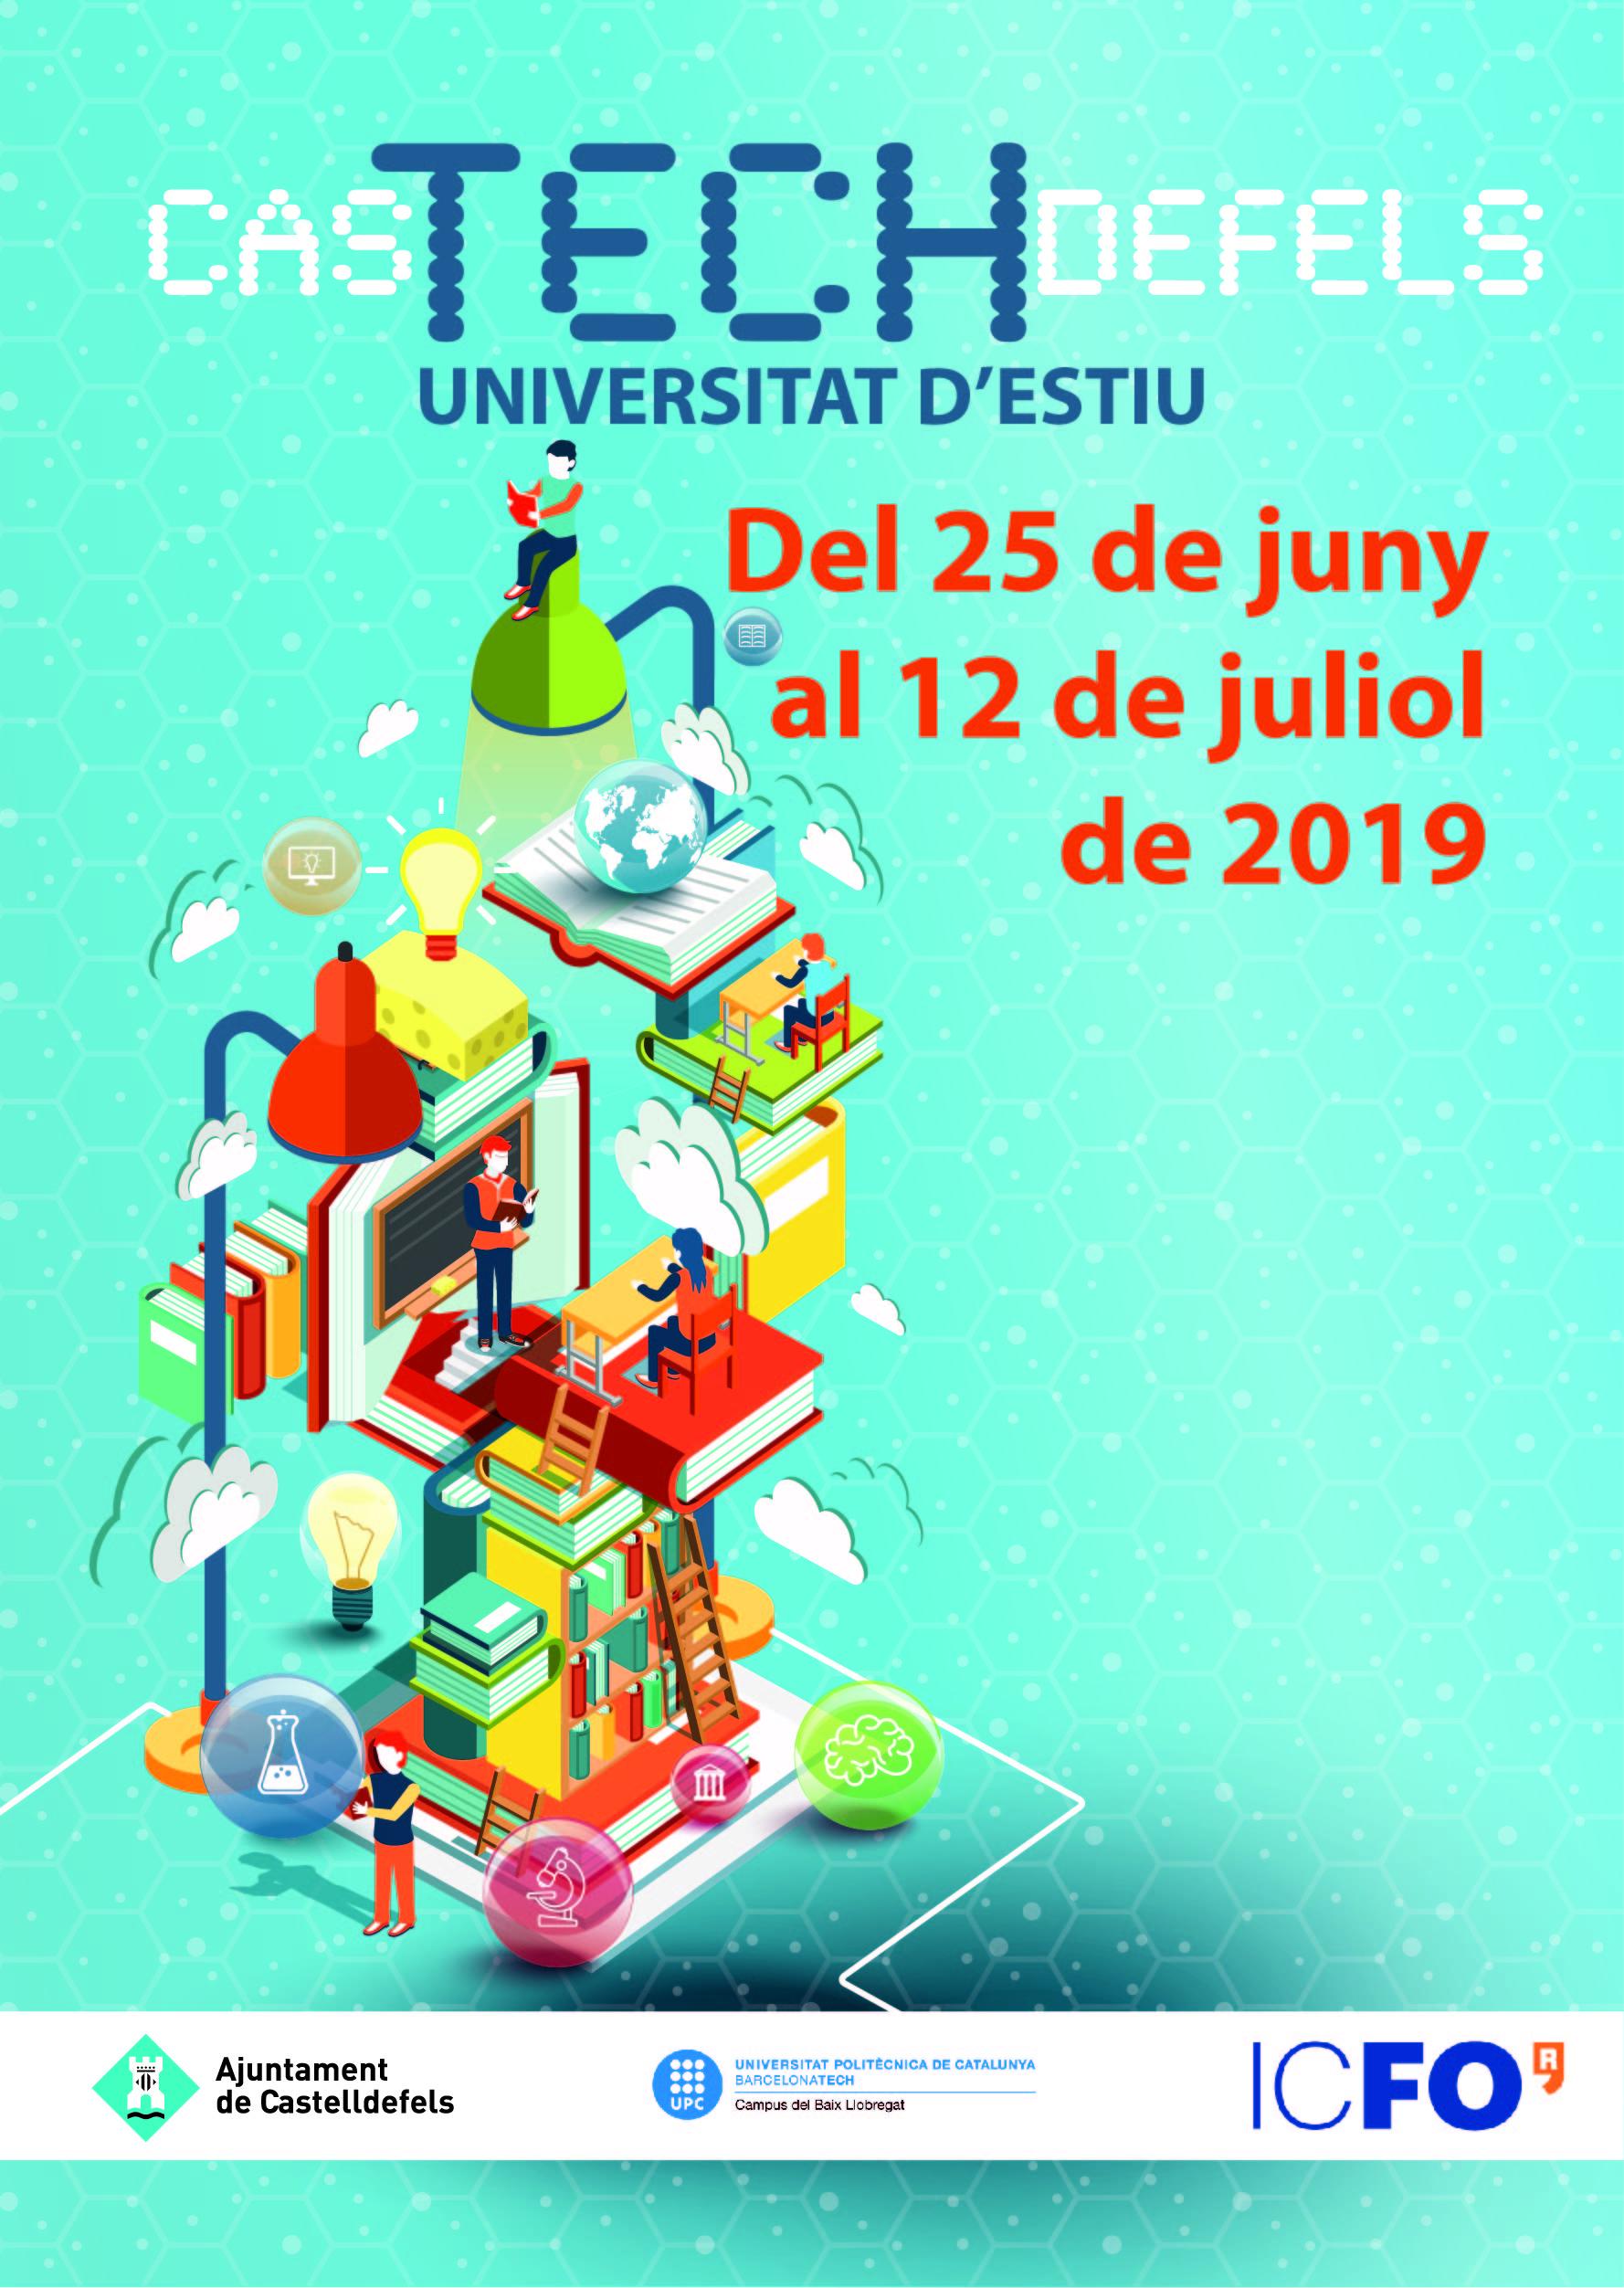 20190528Cartel CasTECHdefelspg.jpg